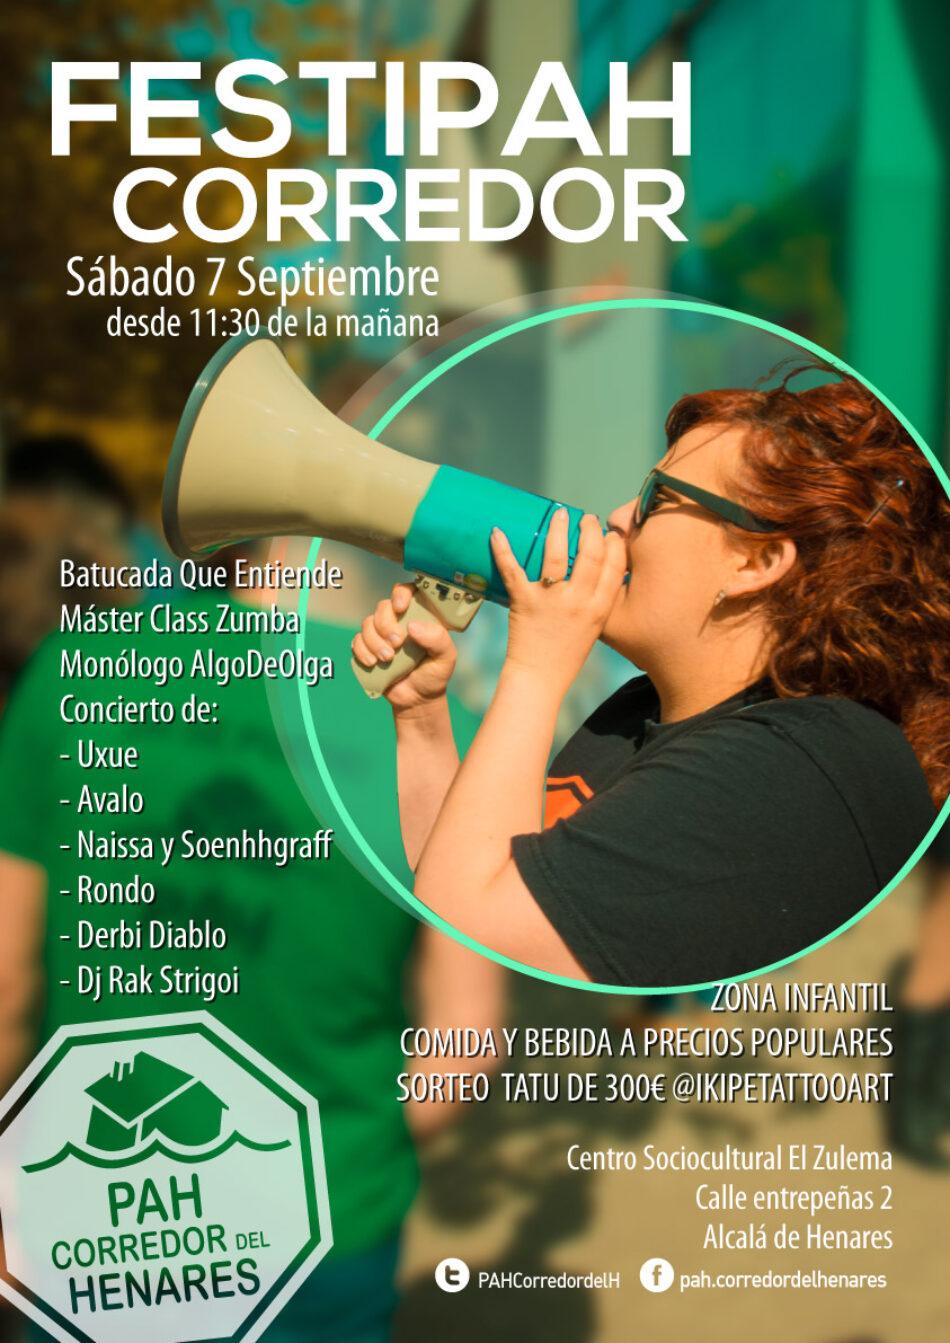 La PAH Corredor de Henares organiza el próximo 7 de septiembre un festival solidario en el Centro Sociocultural Zulema de Alcalá